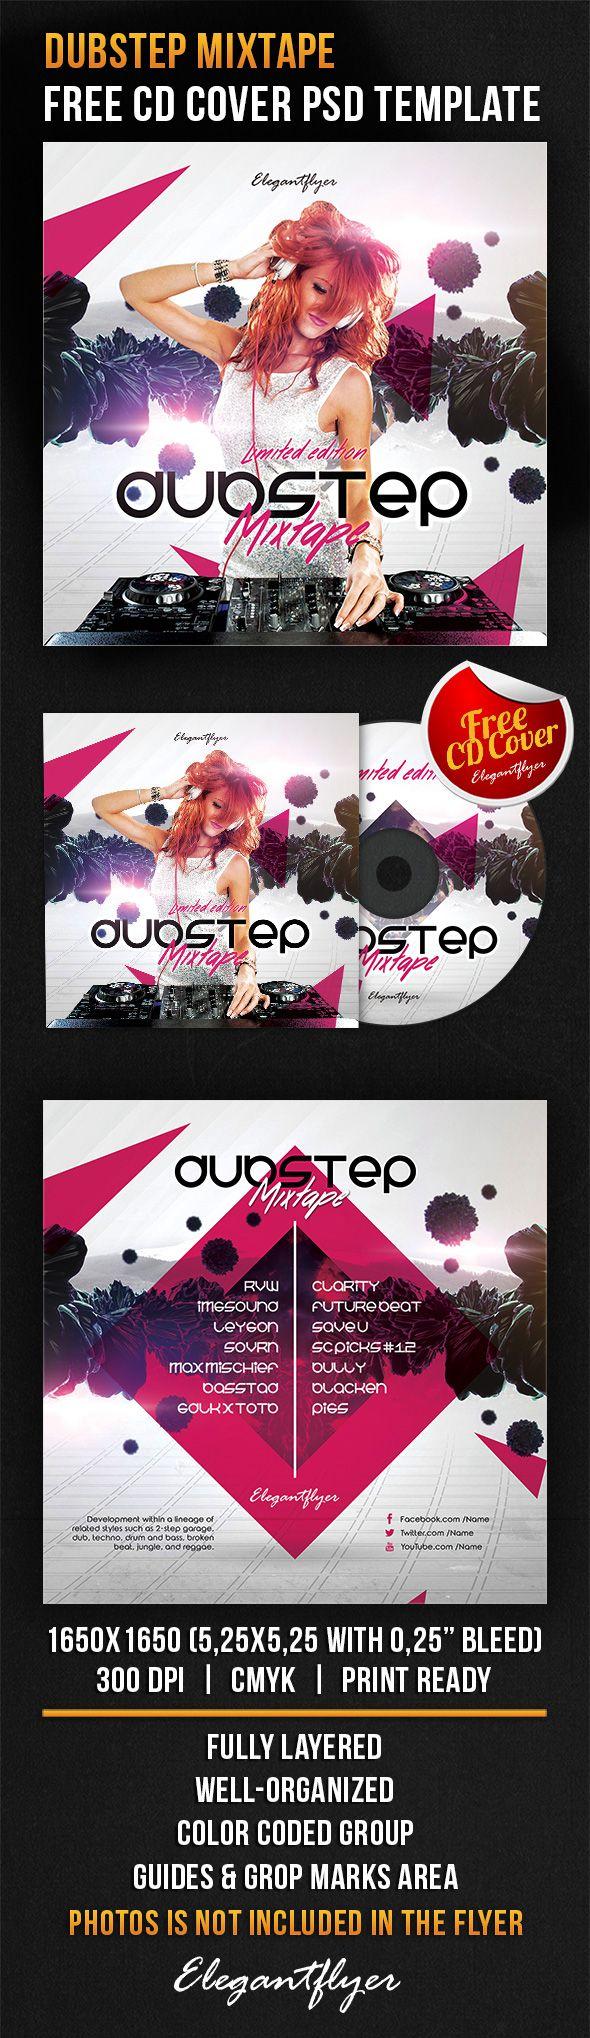 Dubstep Mixtape – Free CD Cover PSD Template https://www.elegantflyer.com/free-cd-dvd-templates/dubstep-mixtape-free-cd-cover-psd-template/